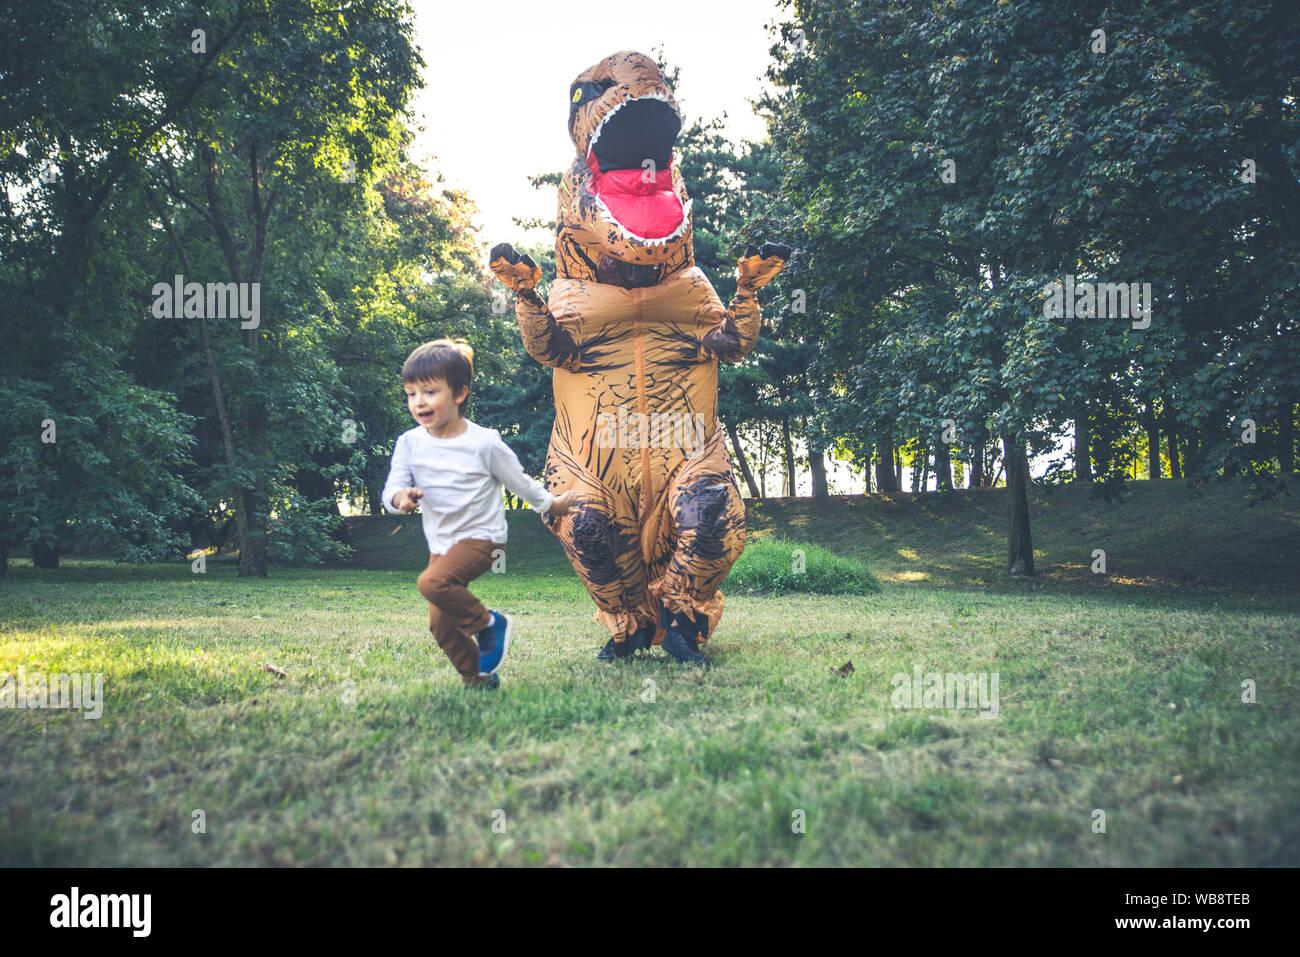 Père et fils à jouer au parc, avec un costume de dinosaure, s'amusant avec la famille piscine Banque D'Images